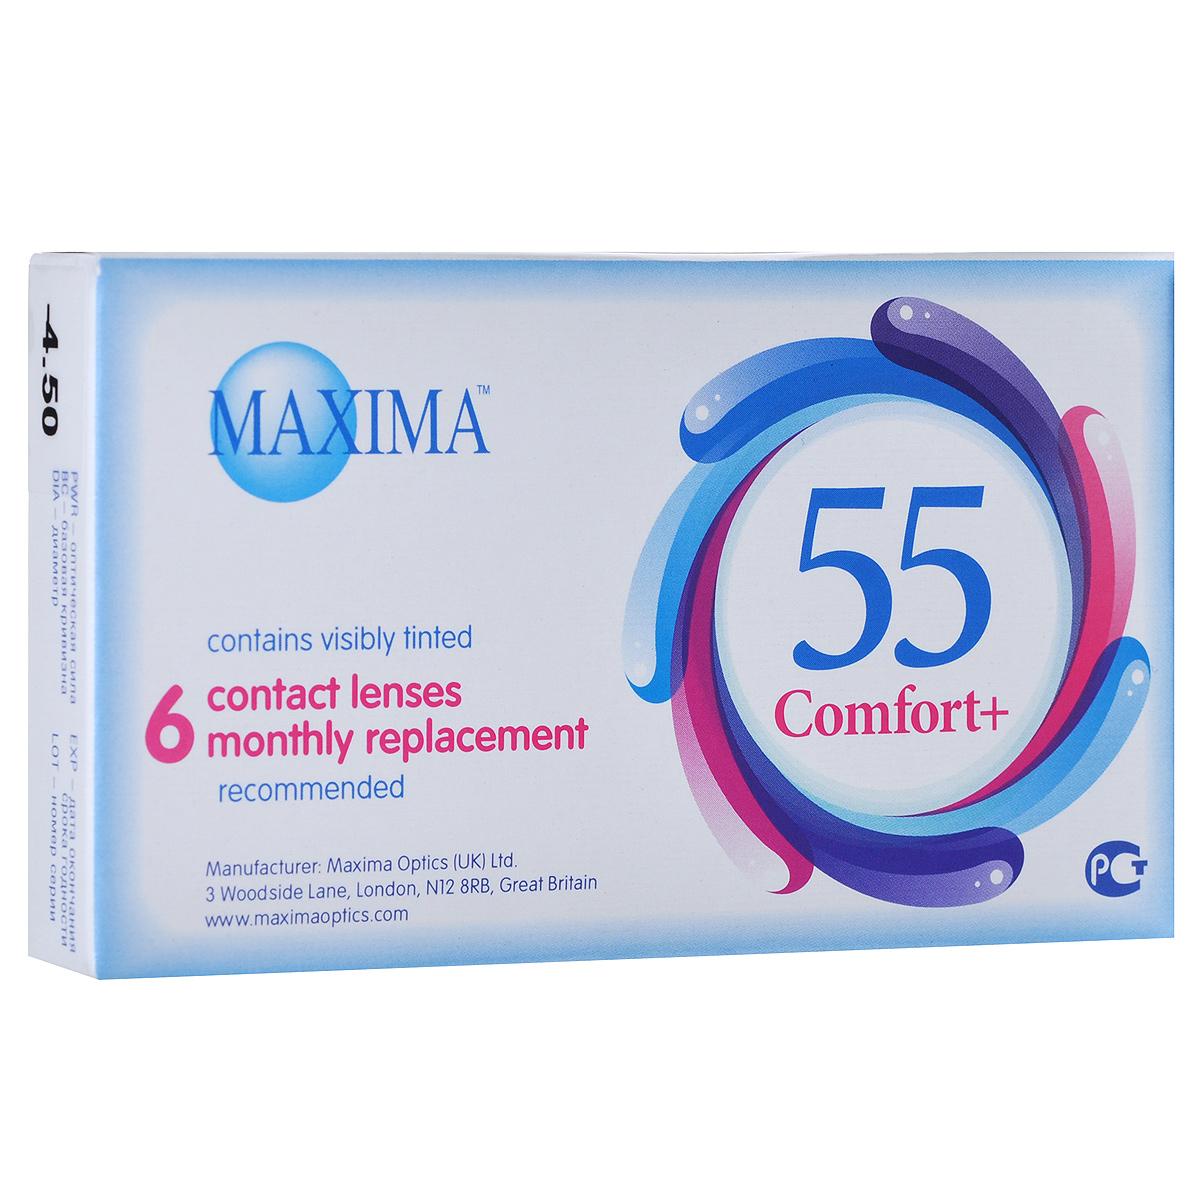 Maxima Optics Maxima ���������� ����� 55 Comfort Plus (6�� / 8.6 / -4.50)